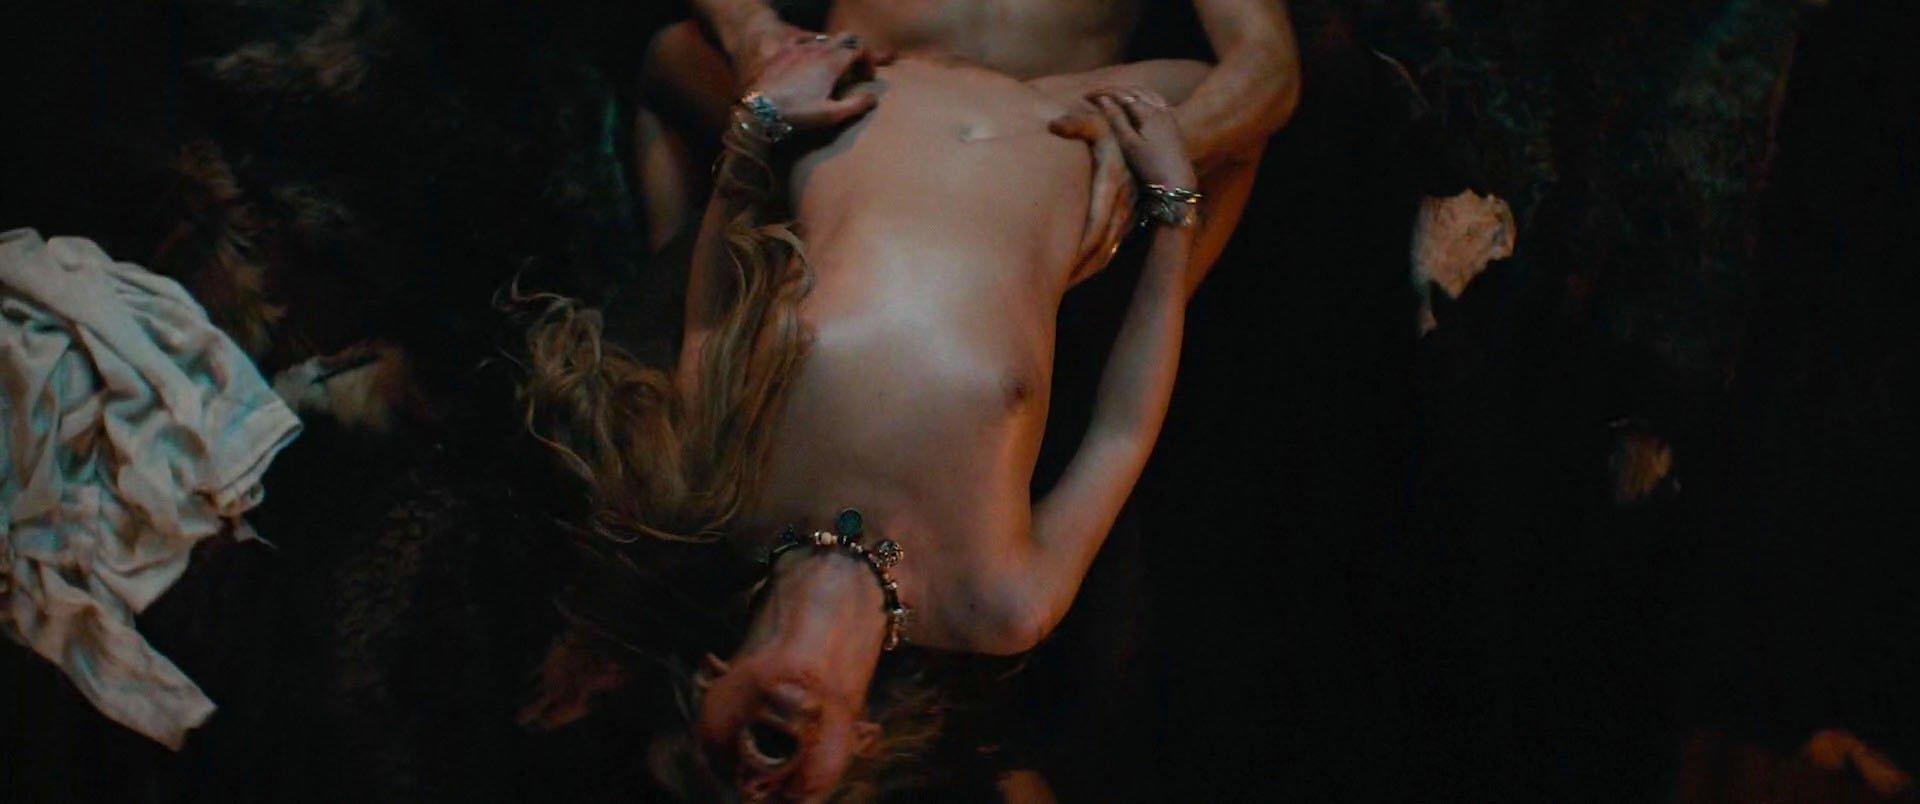 justin bieber naked video